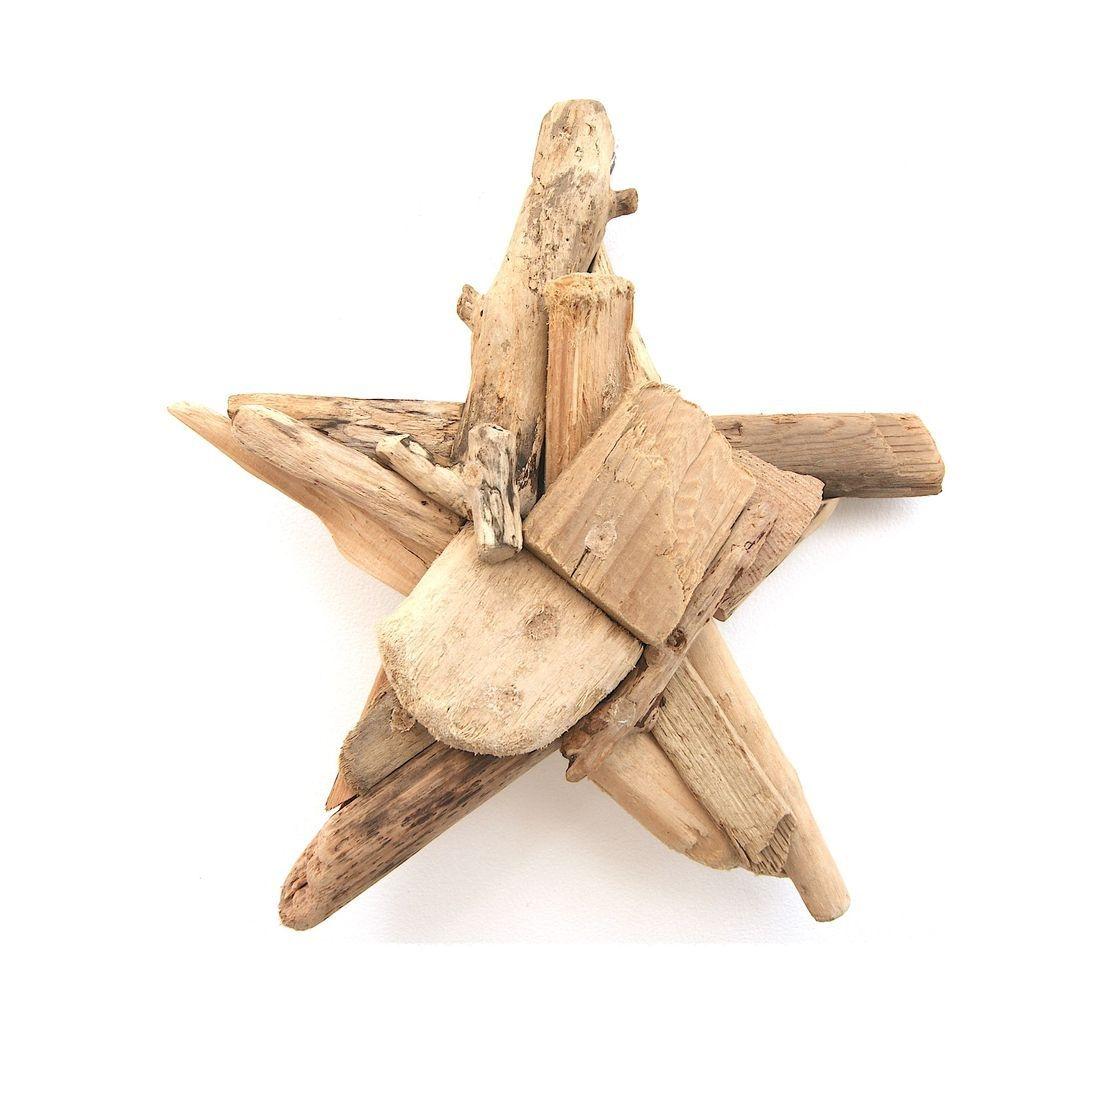 Driftwood Starfish 3